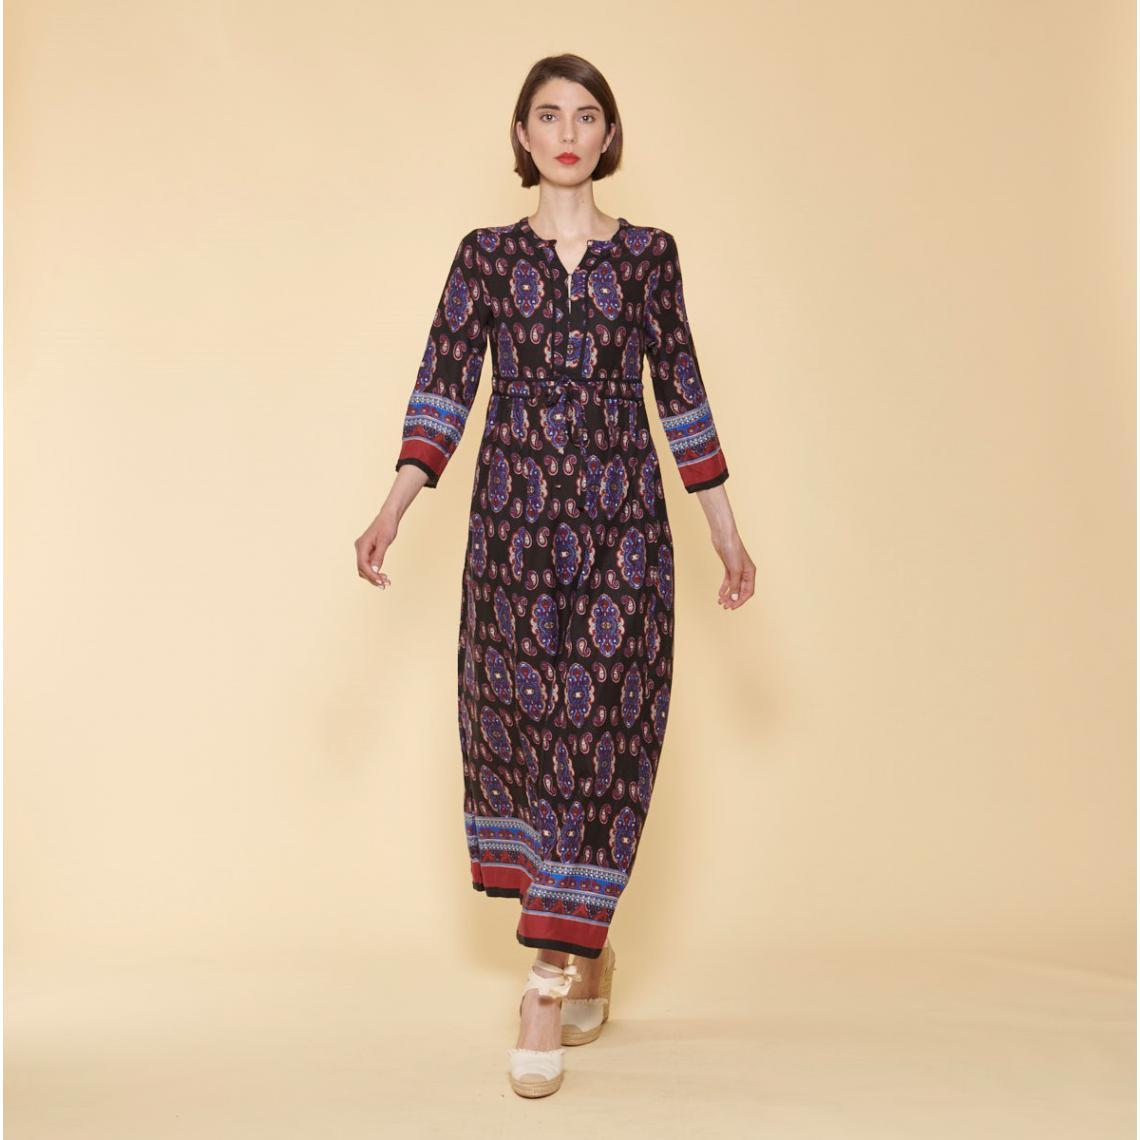 886e66f2d9501 Robe longue imprimée col caftan manches 3 4 femme - Imprimé Bleu 3 SUISSES  Femme